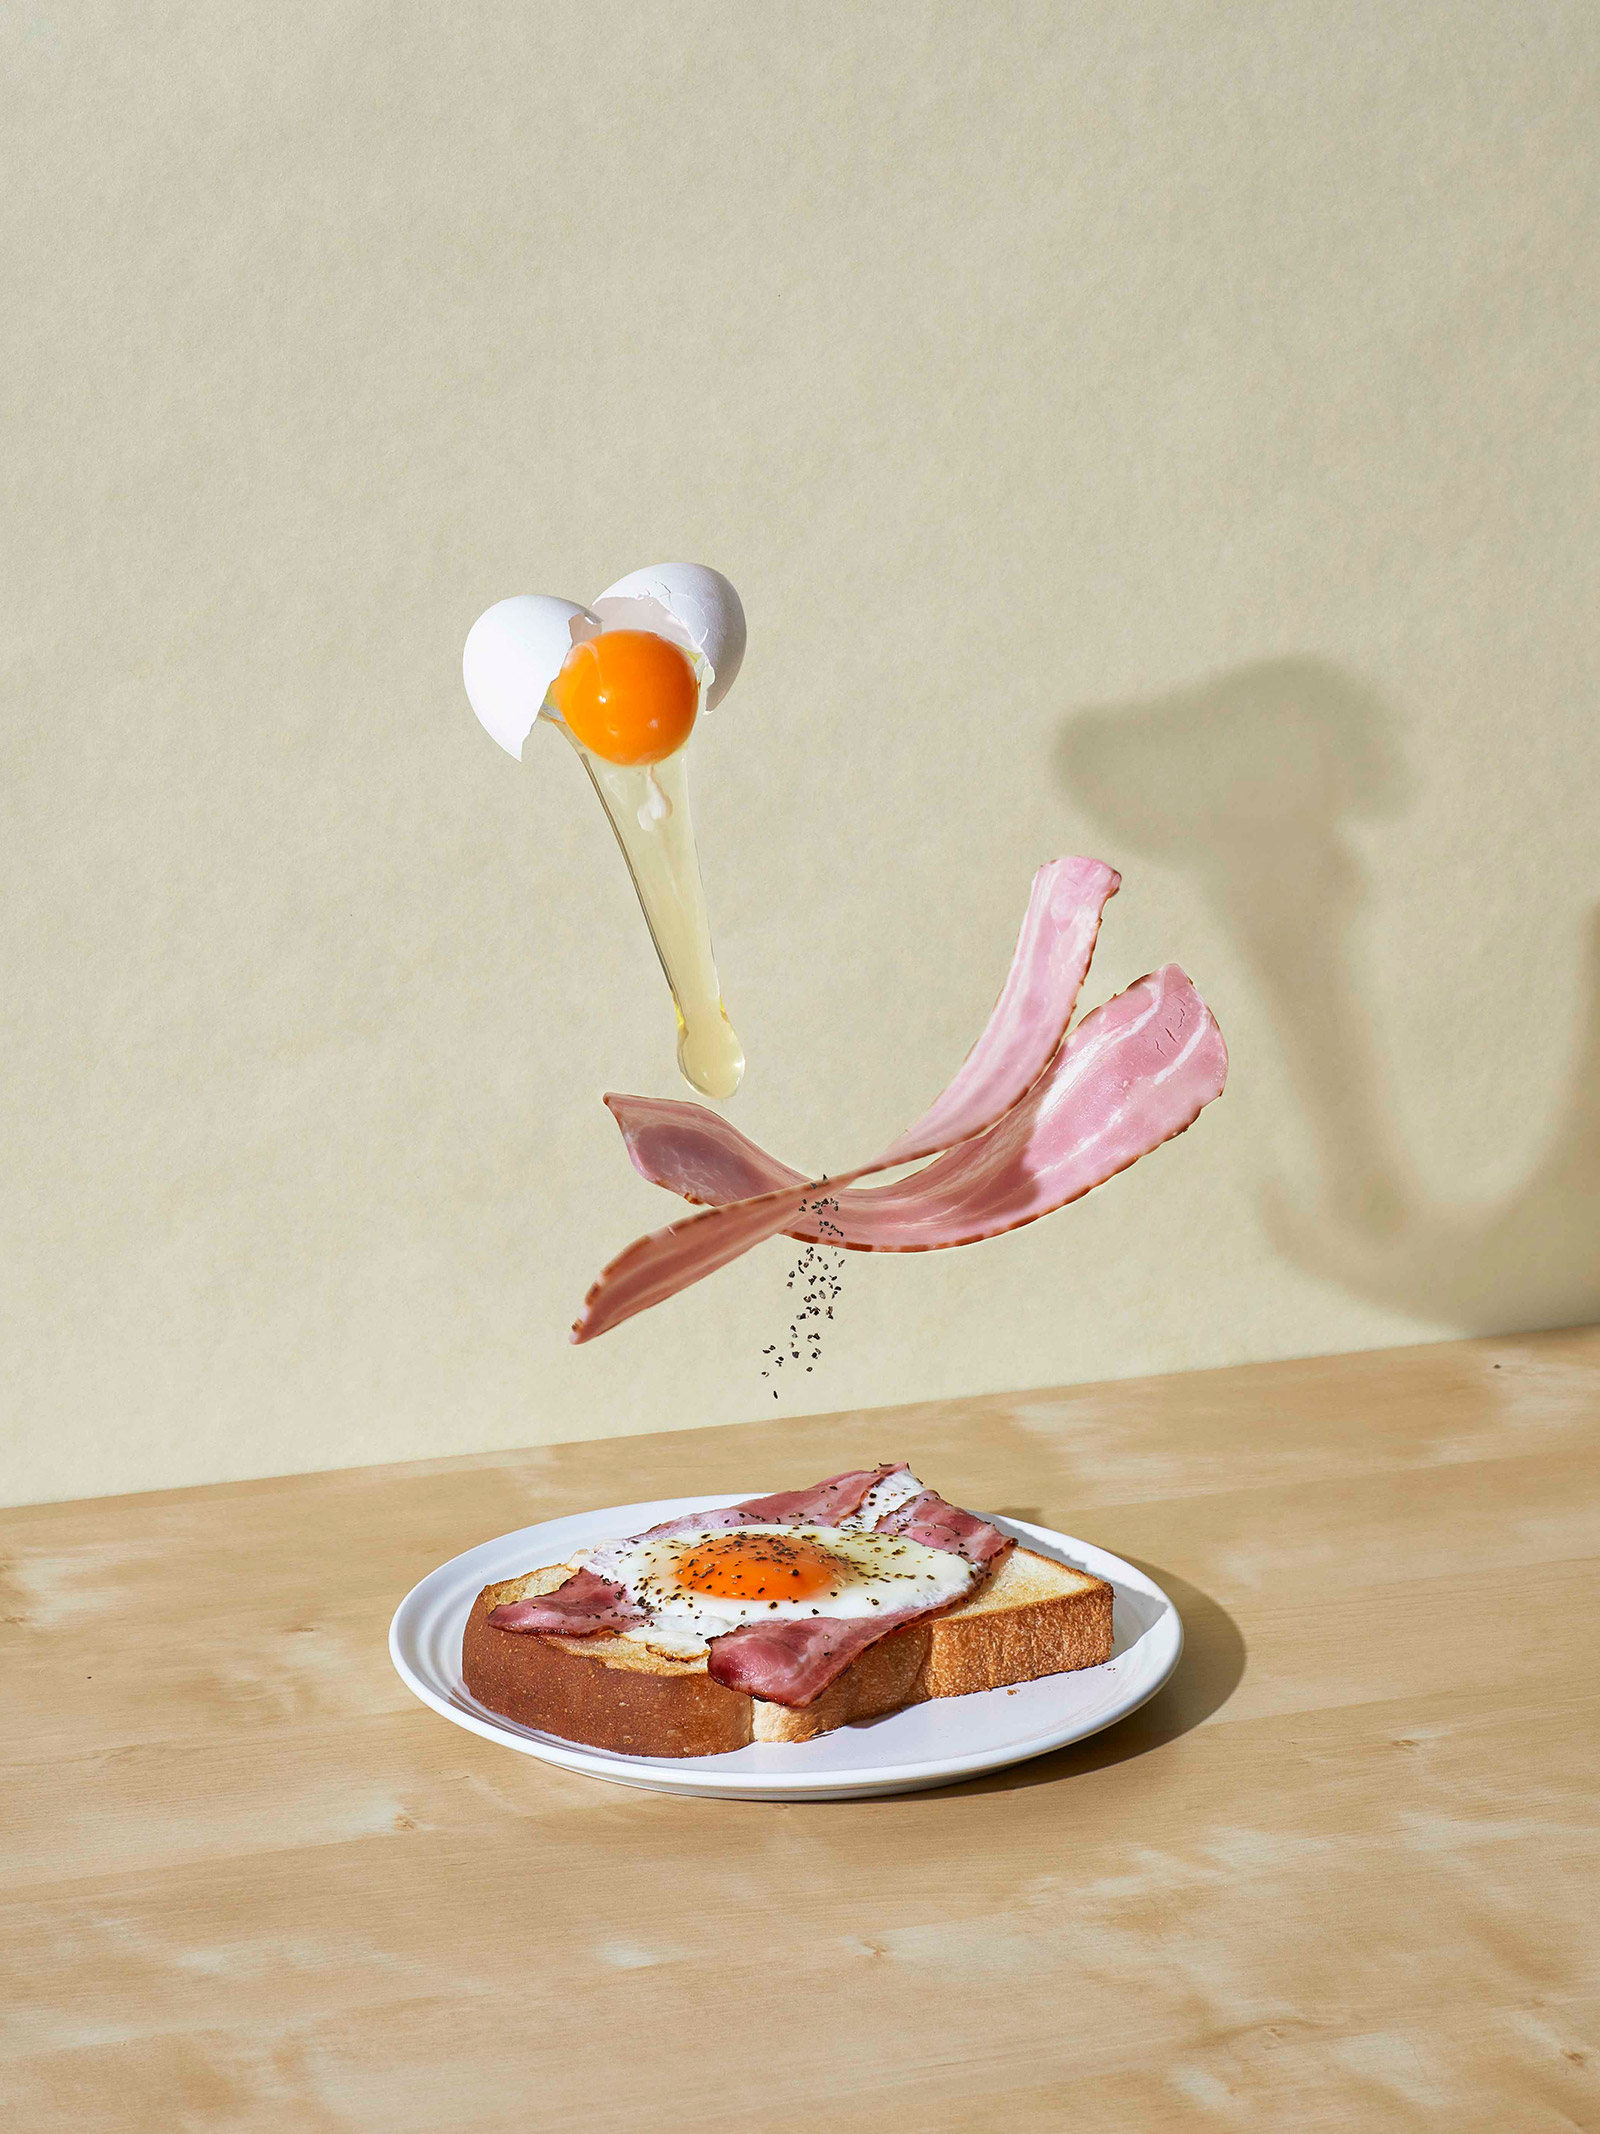 神戸情報誌 プレゼン資料(材料から料理になる過程を表現)